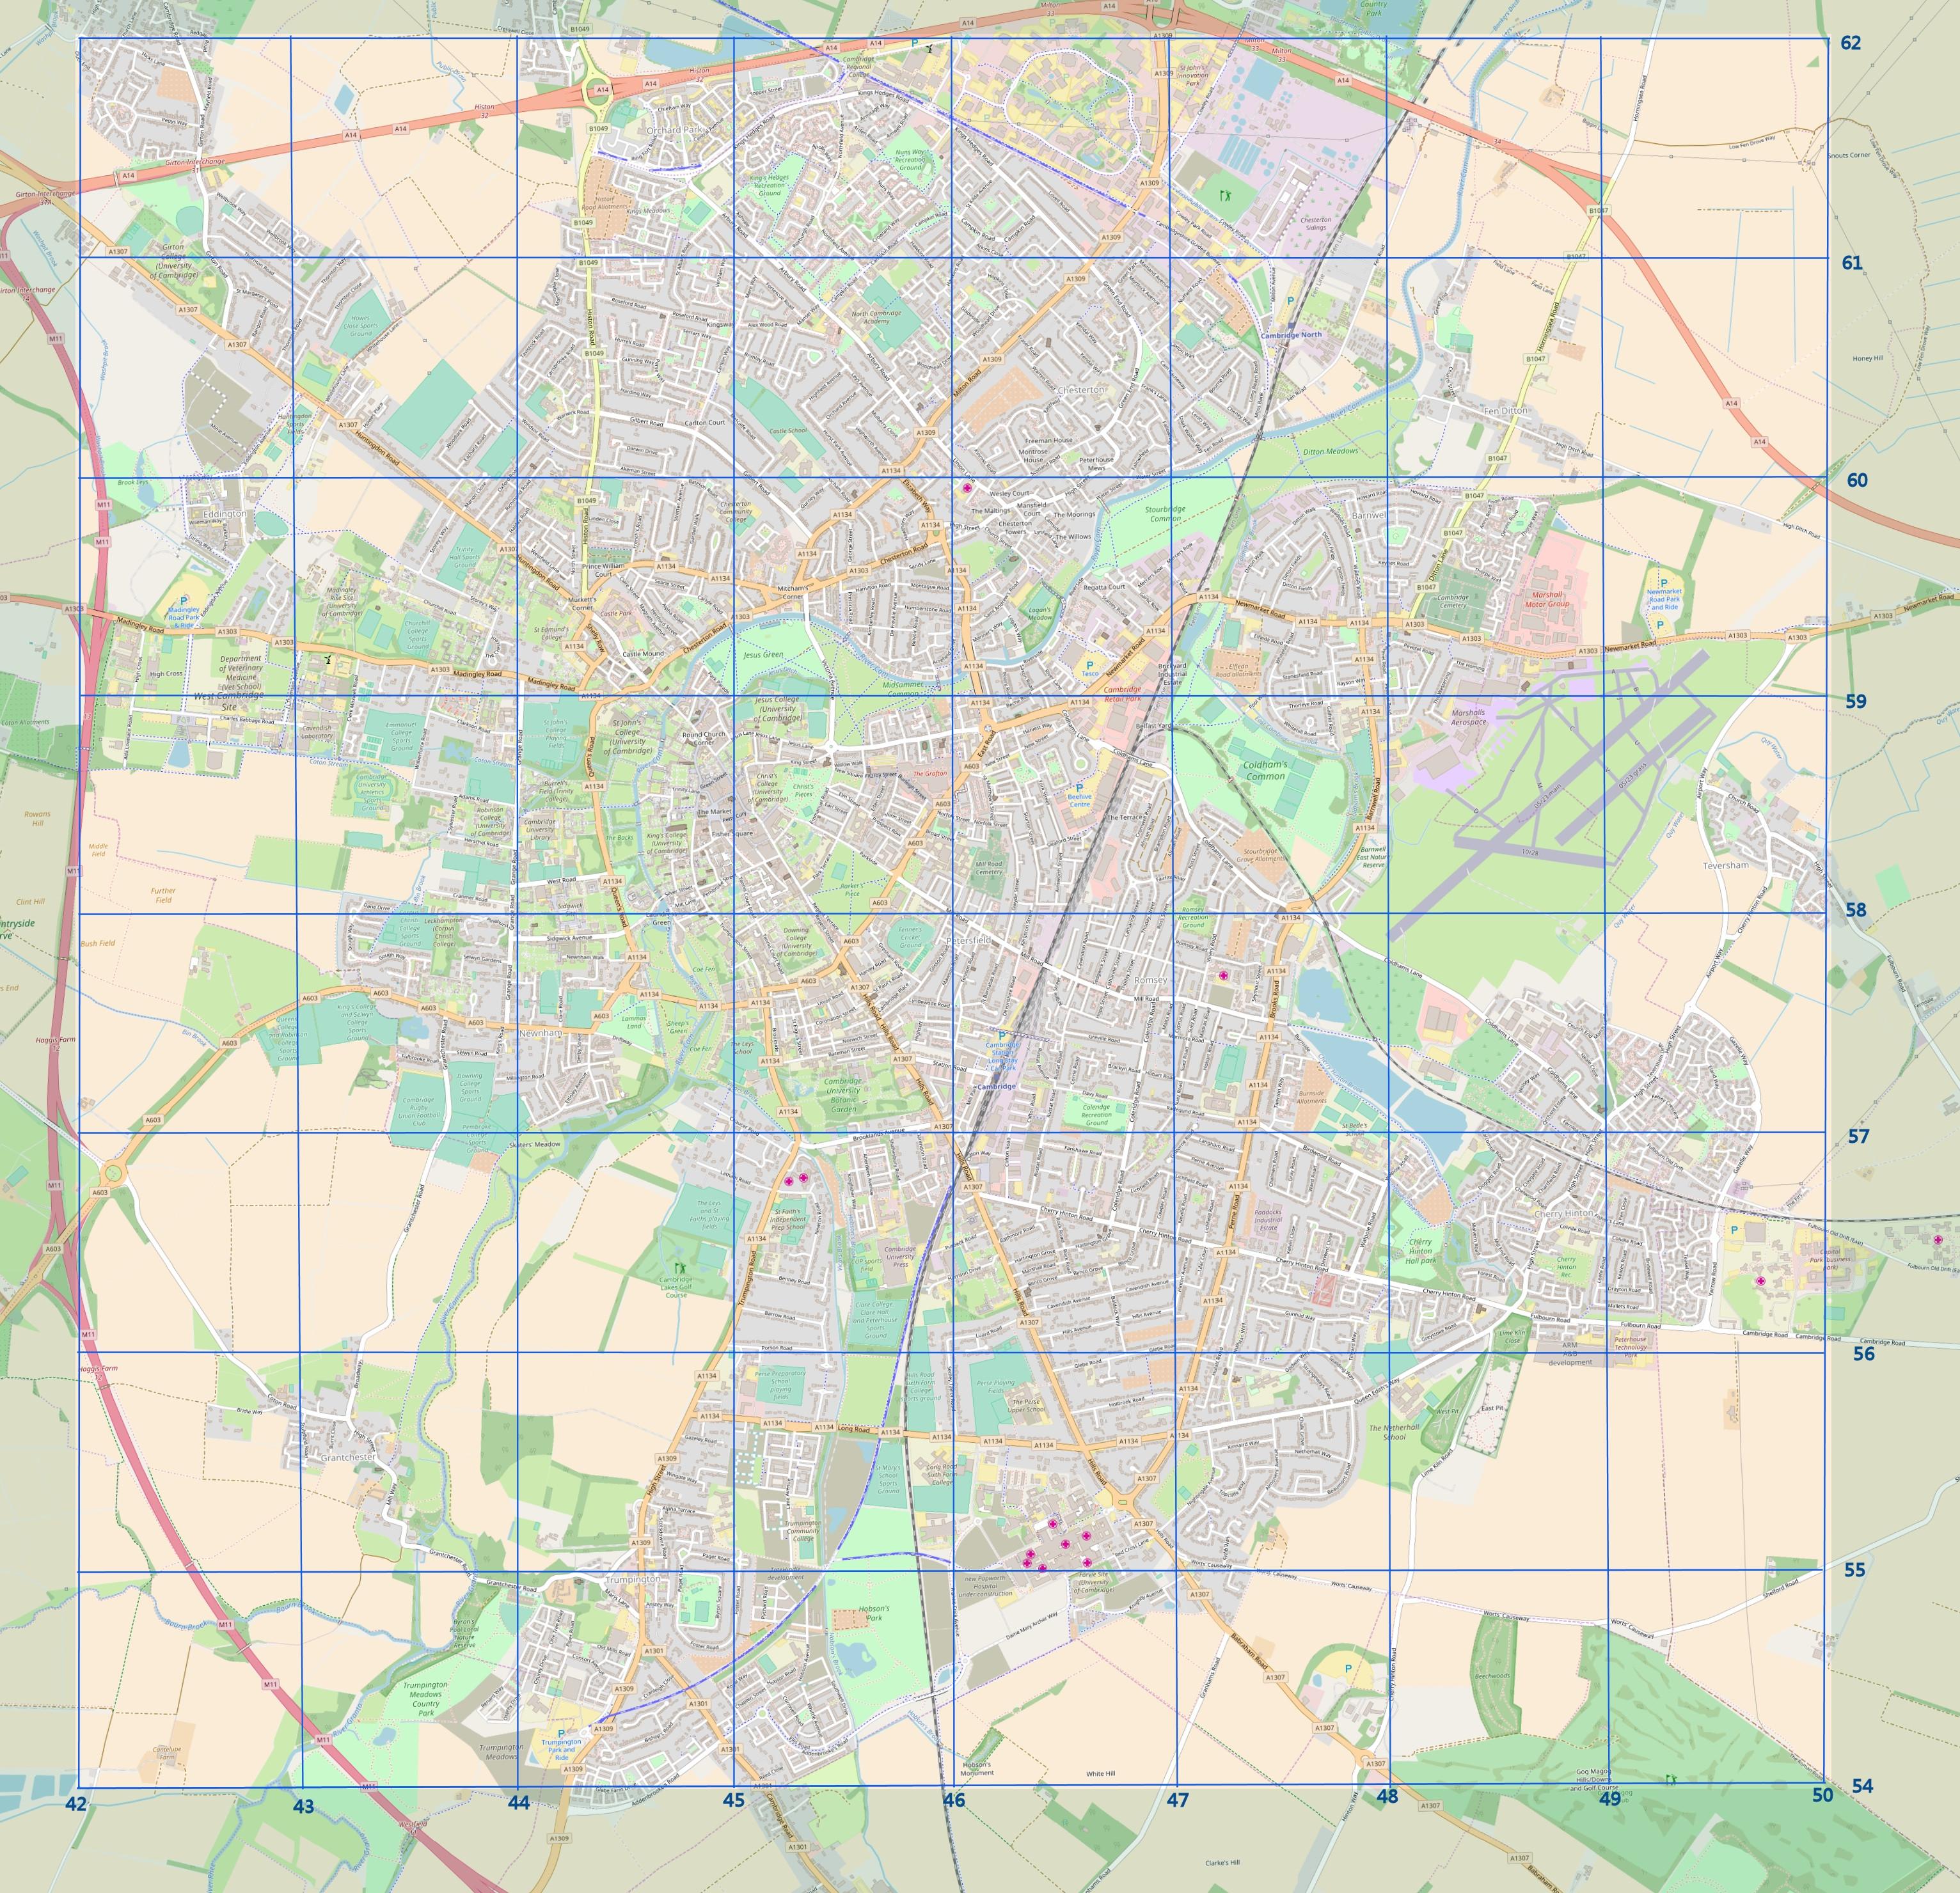 Large-scale map | CNHS Cambridge Survey